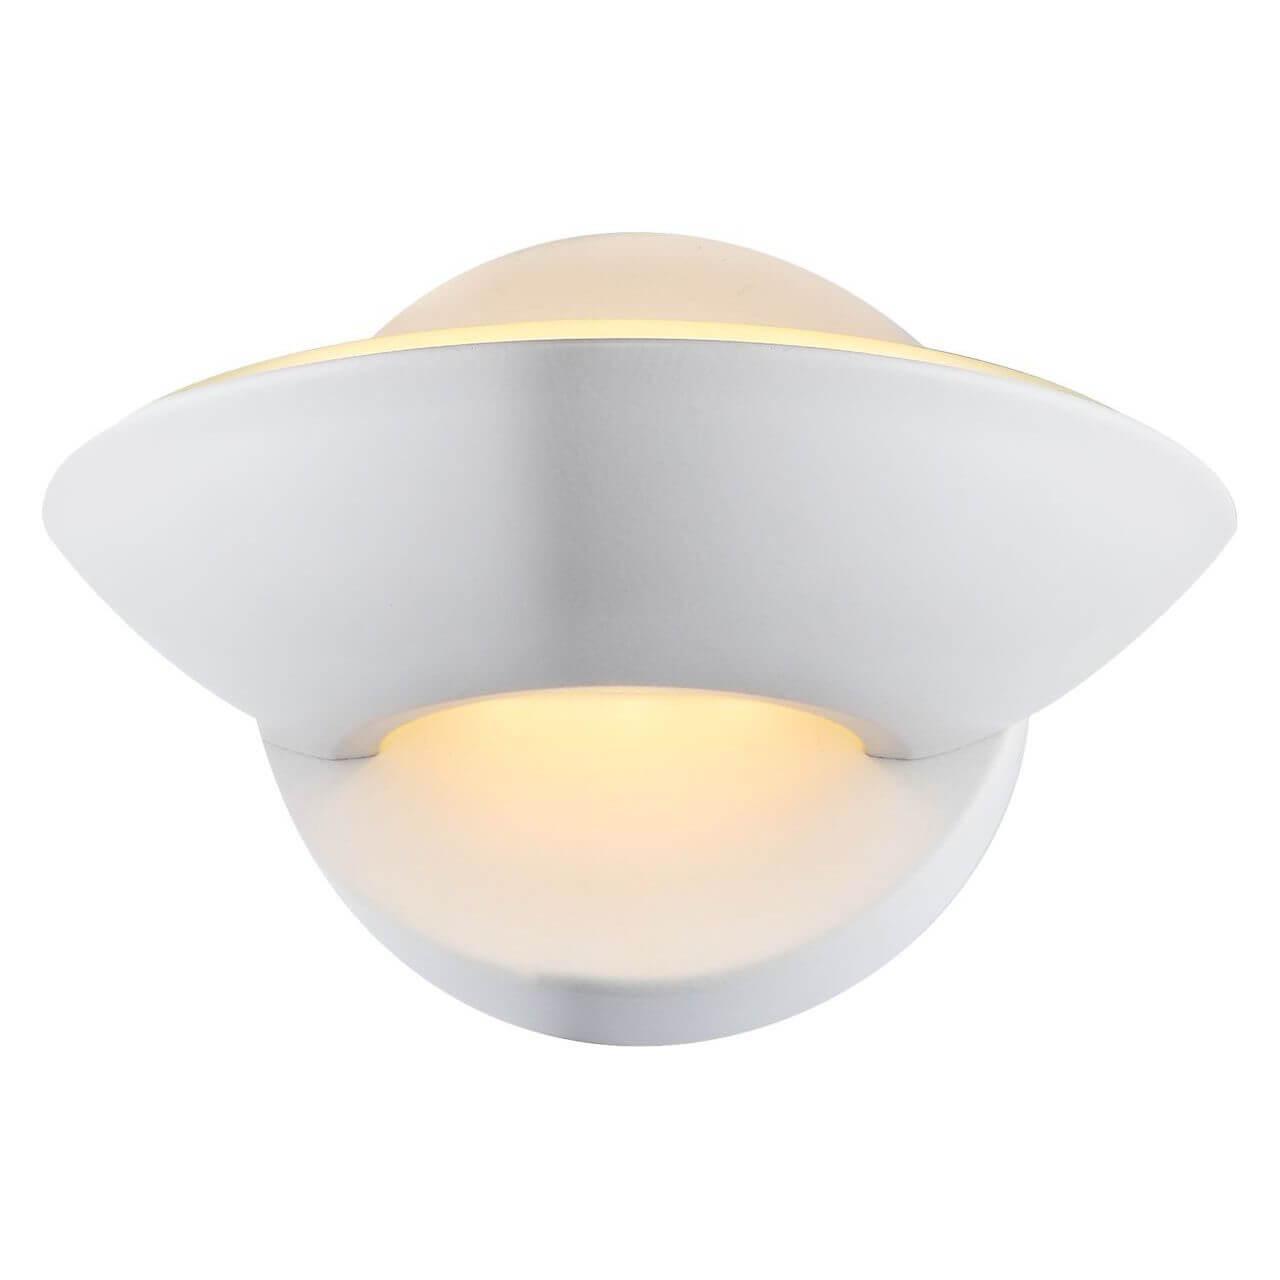 Настенный светильник Globo 76003, LED, 3 Вт накладной светильник globo sammy 76003